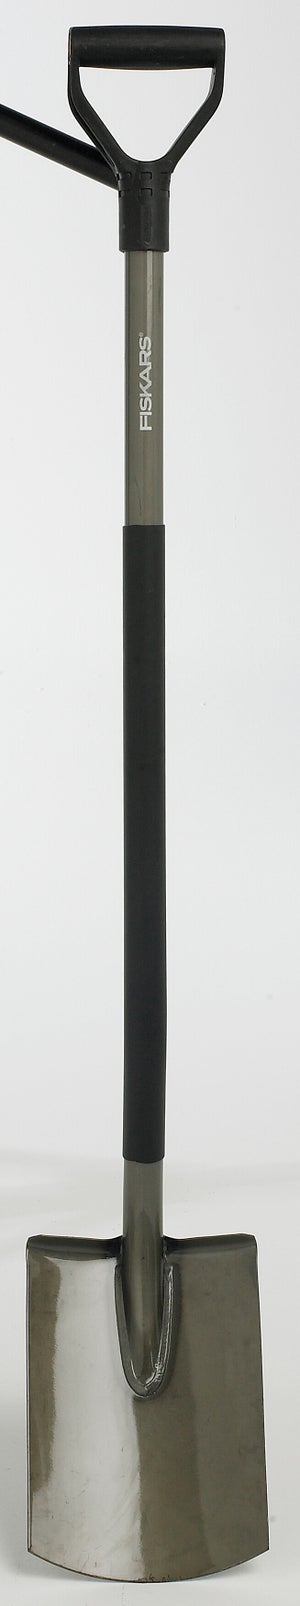 Image : Bêche acier FISKARS manche acier L.125 cm